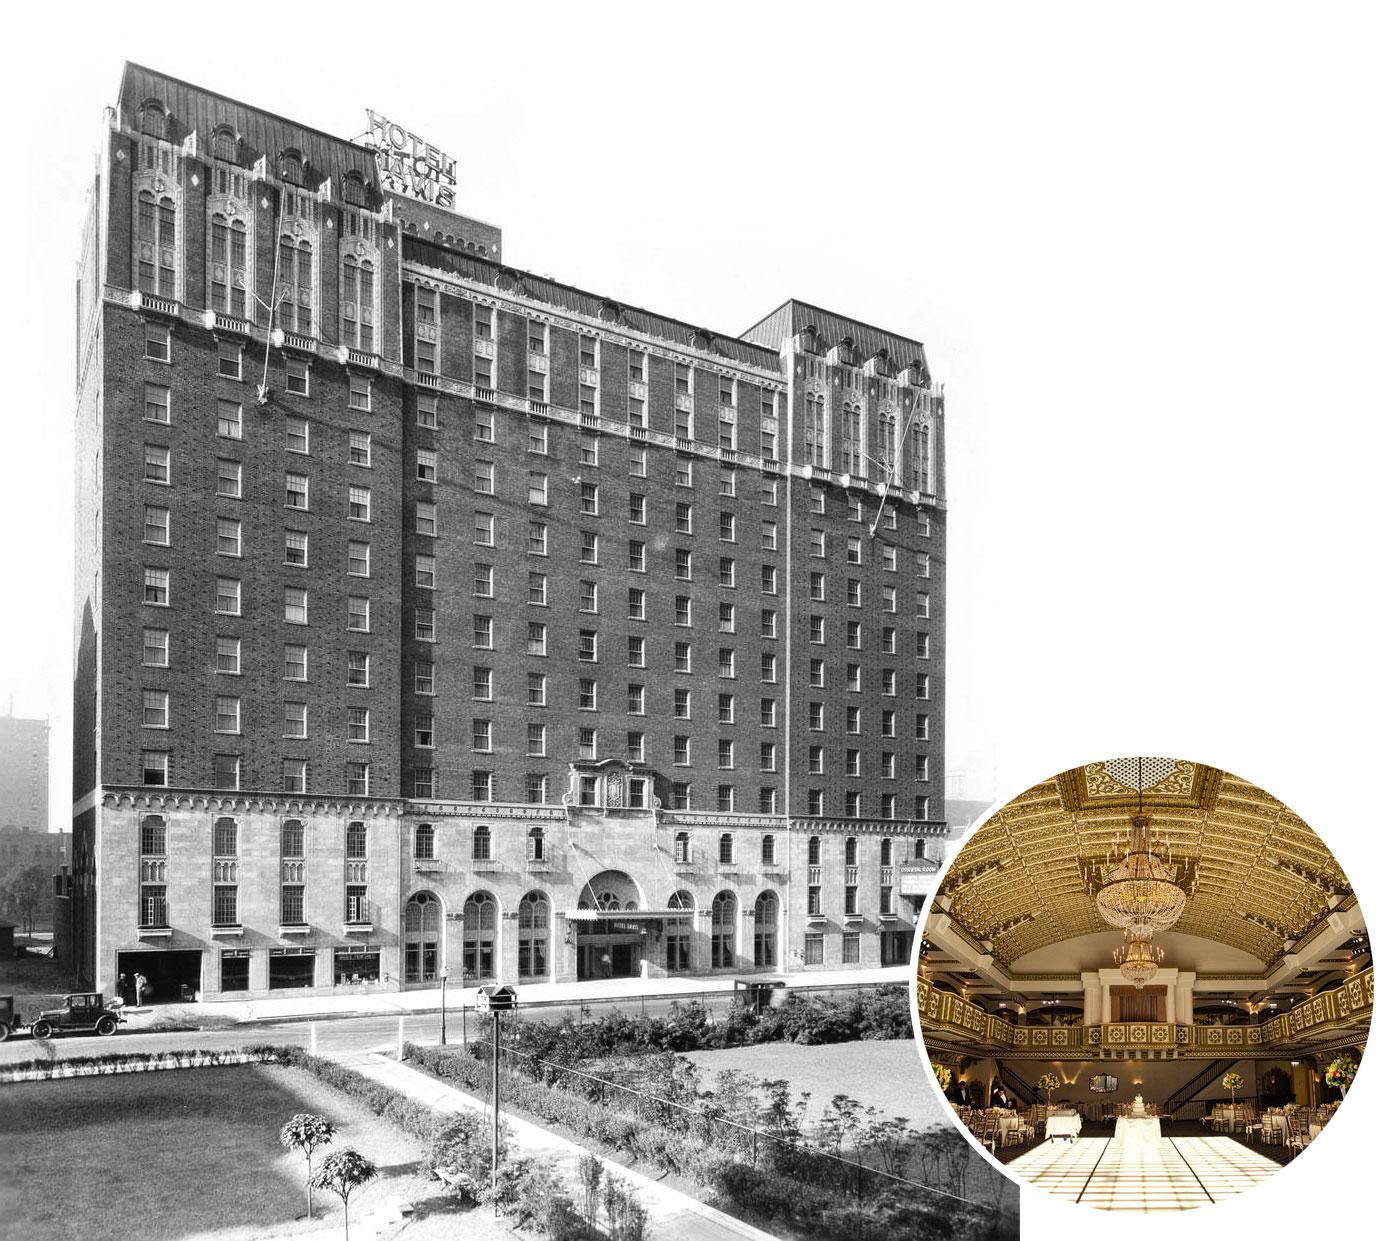 Davis Hotel / Millennium Knickerbocker Hotel